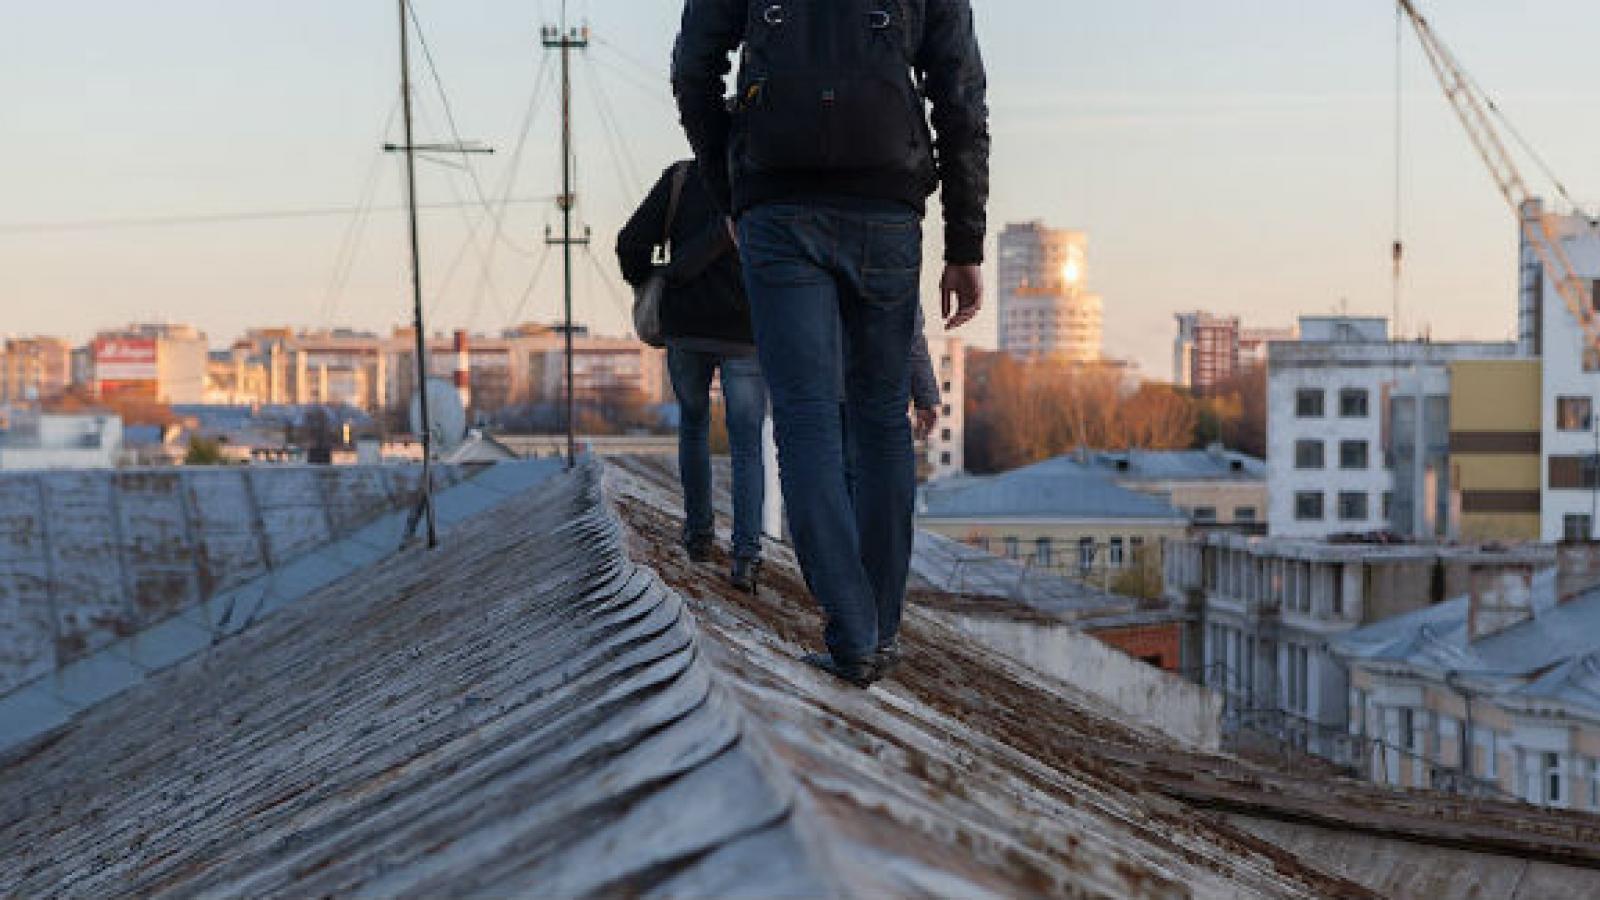 Подростки рисковали жизнью на крыше ДКЖ